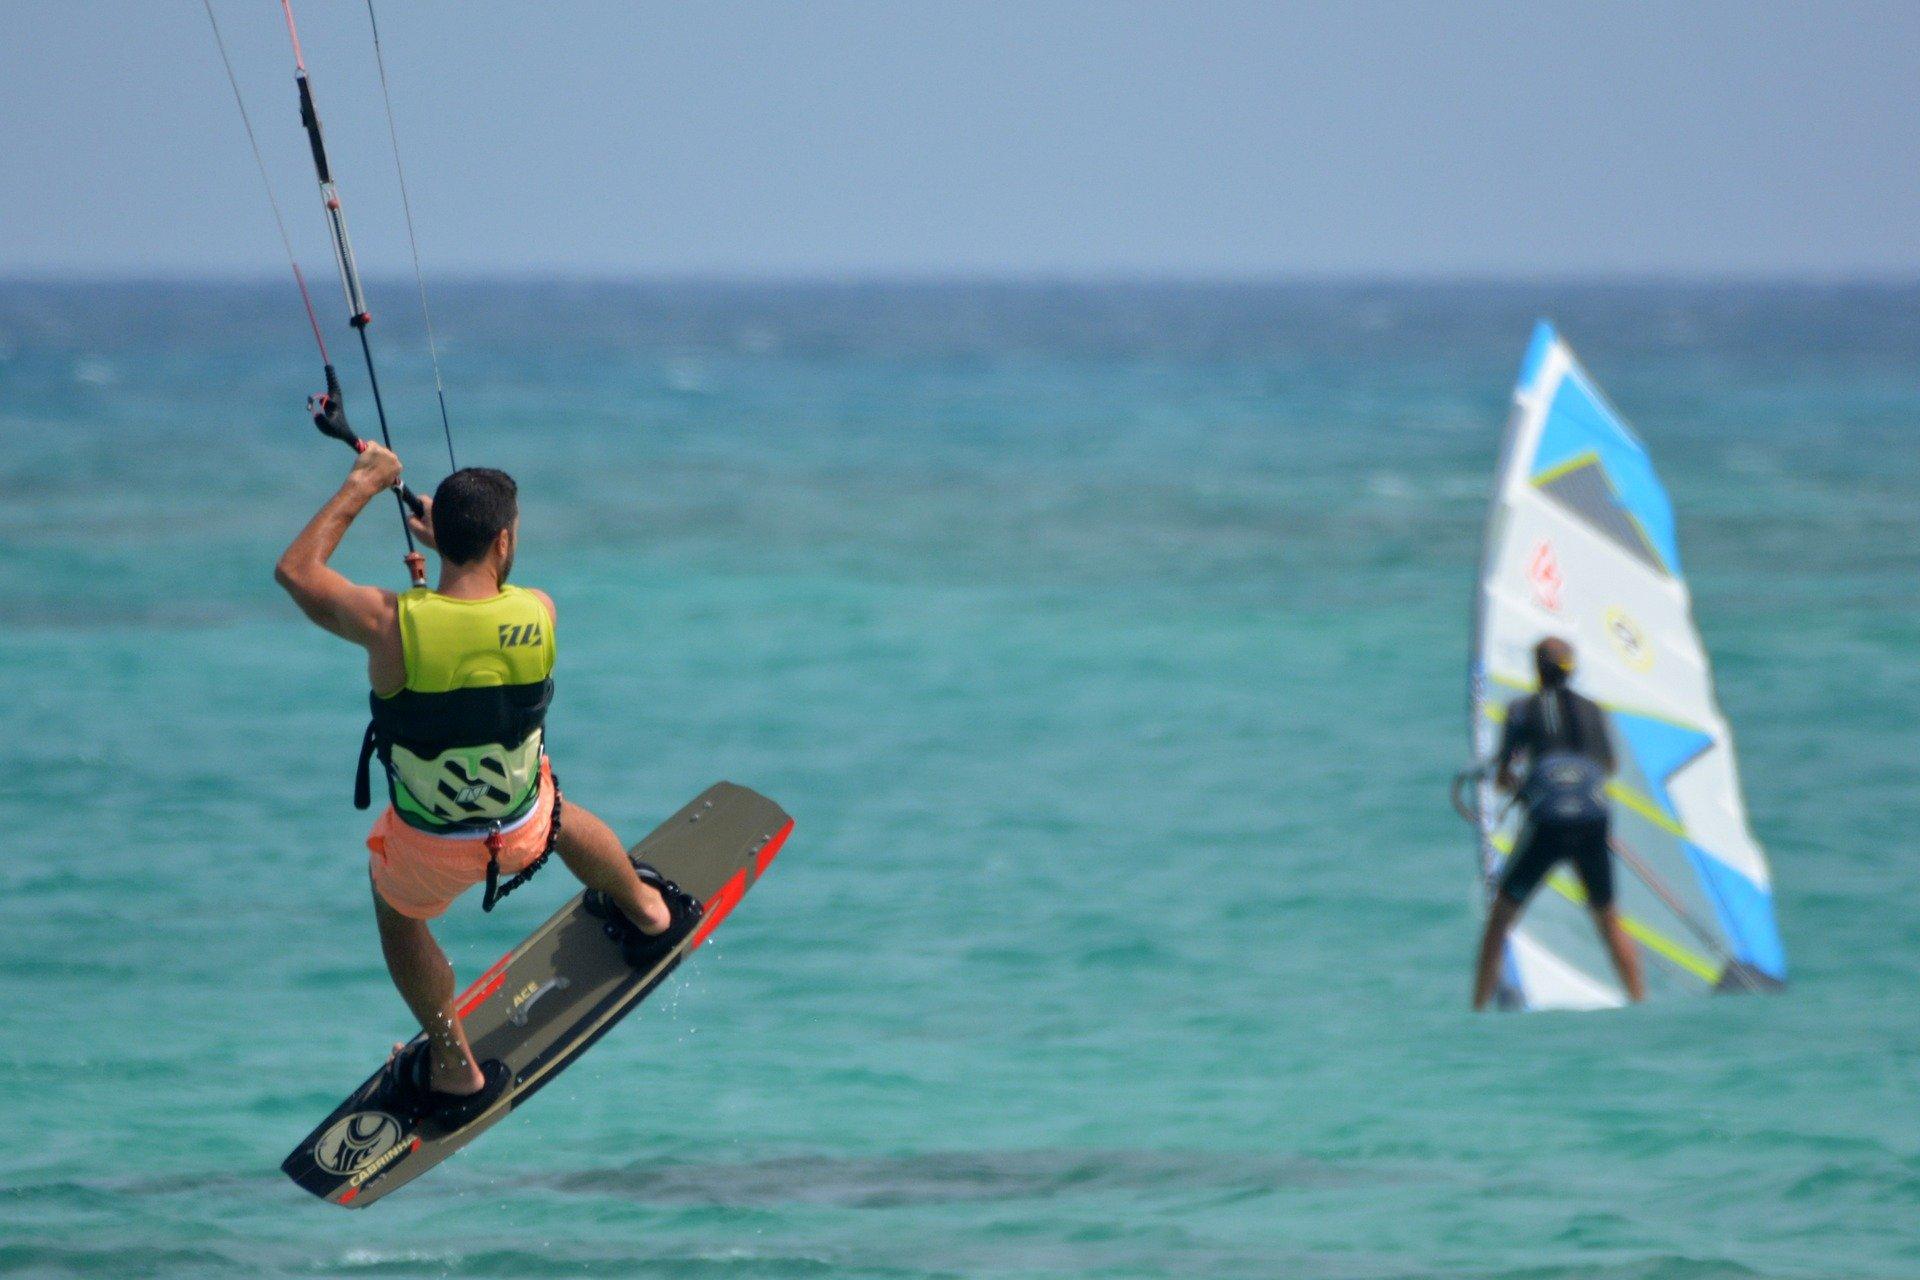 Windsurf - это красиво!